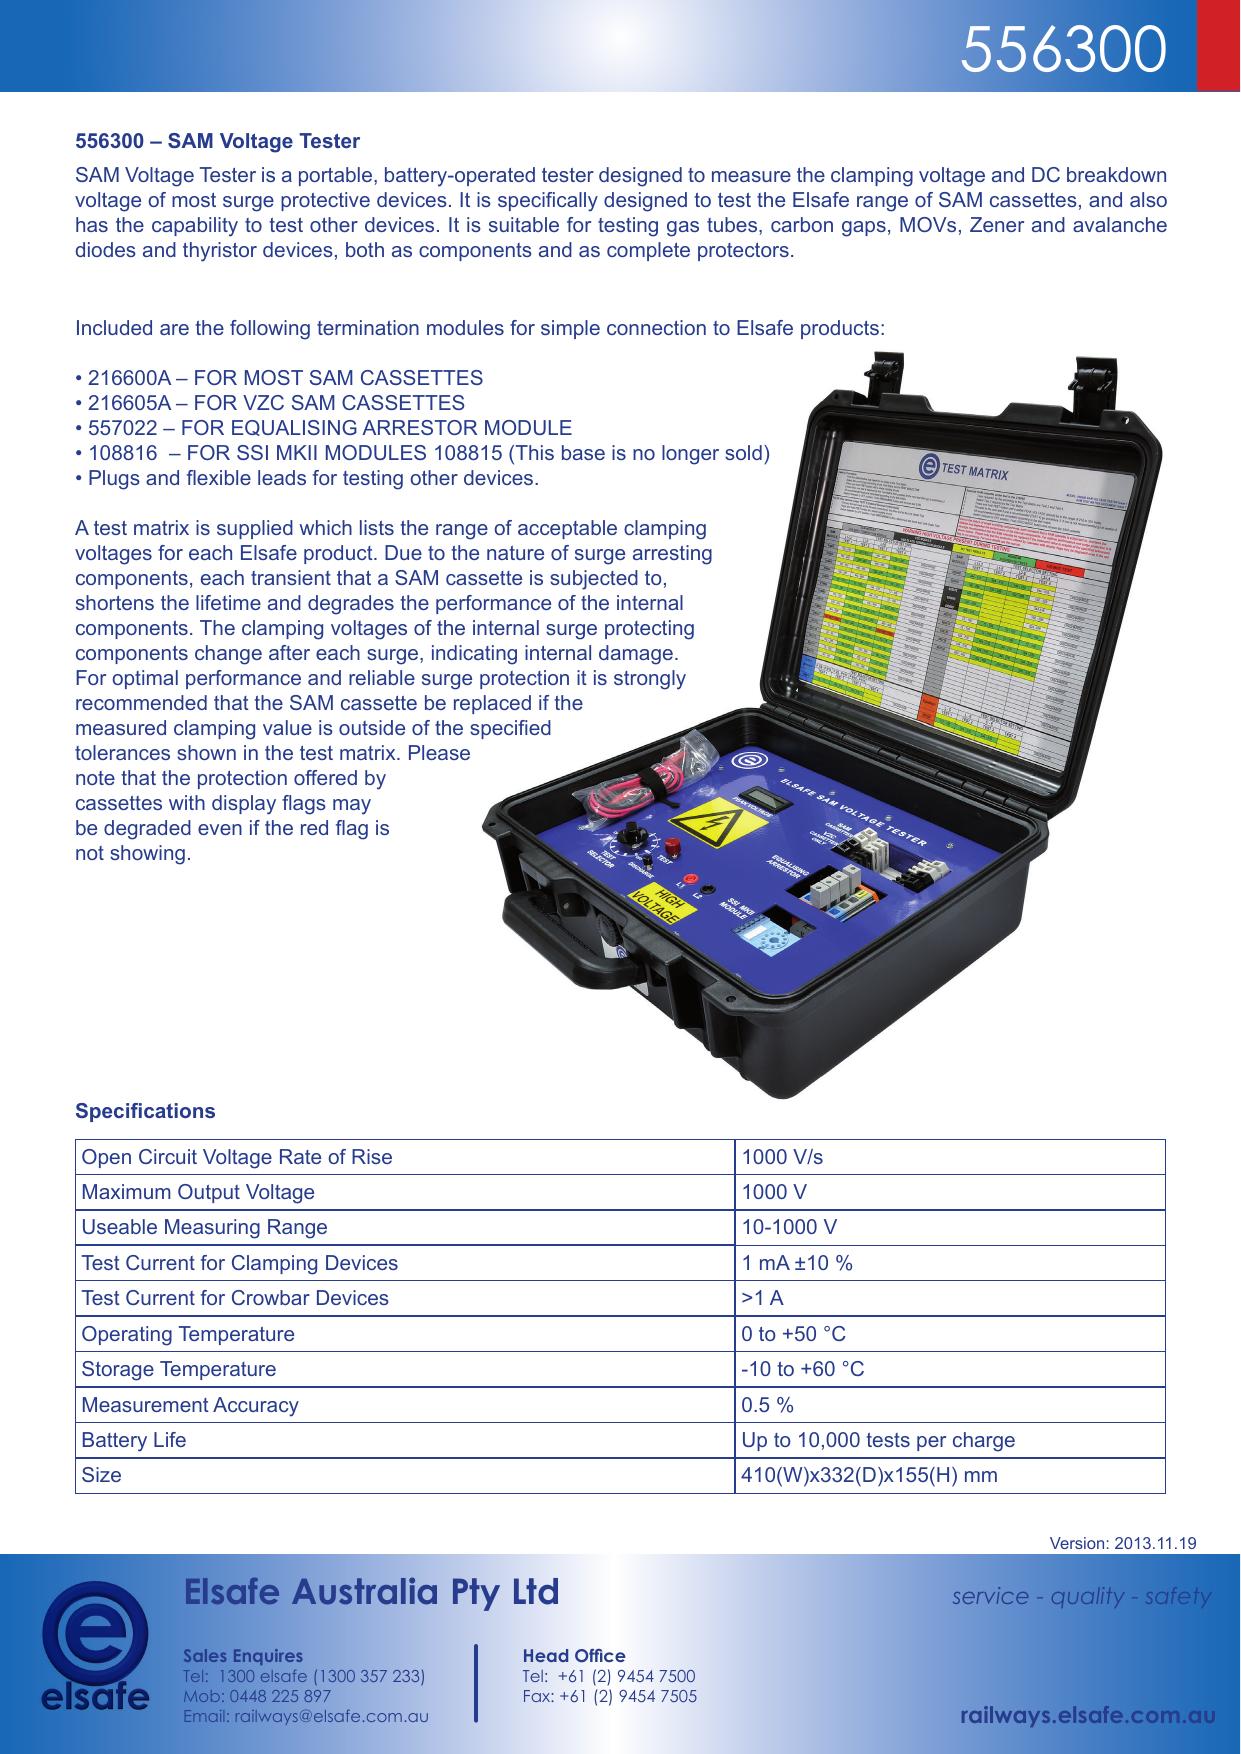 Elsafe Australia Pty Ltd Thyristor Tester